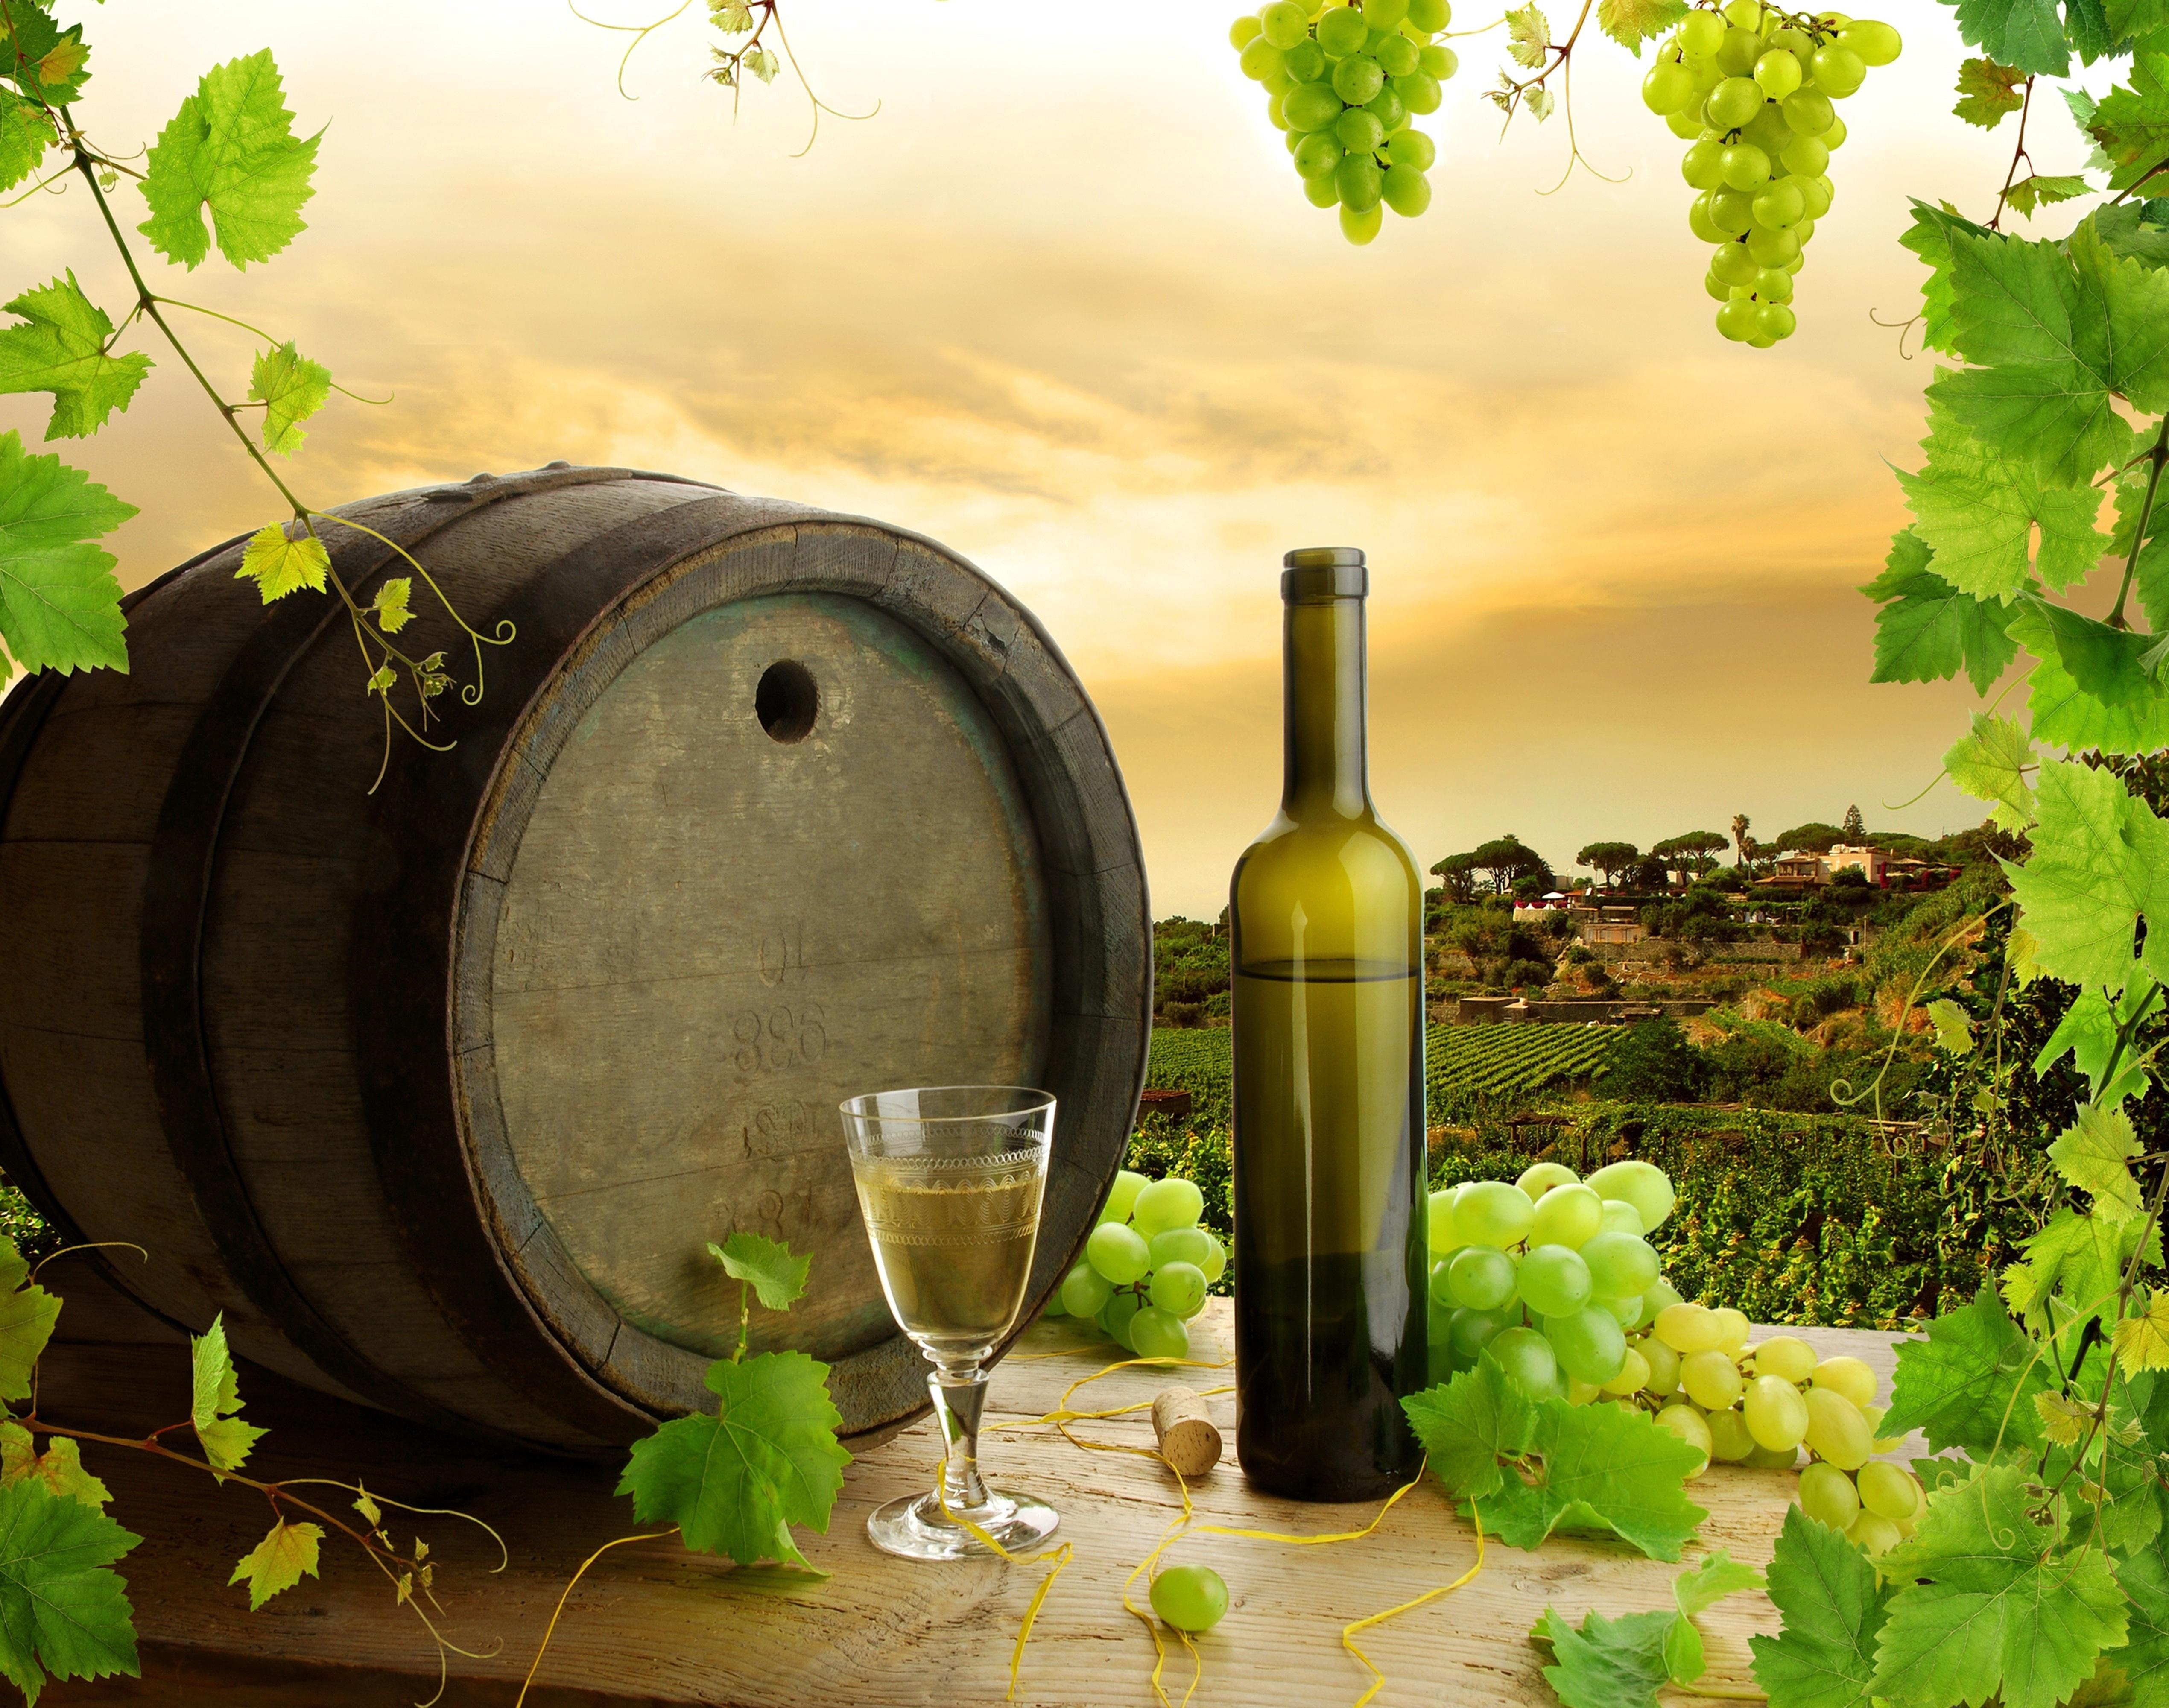 Вино виноград бочка загрузить